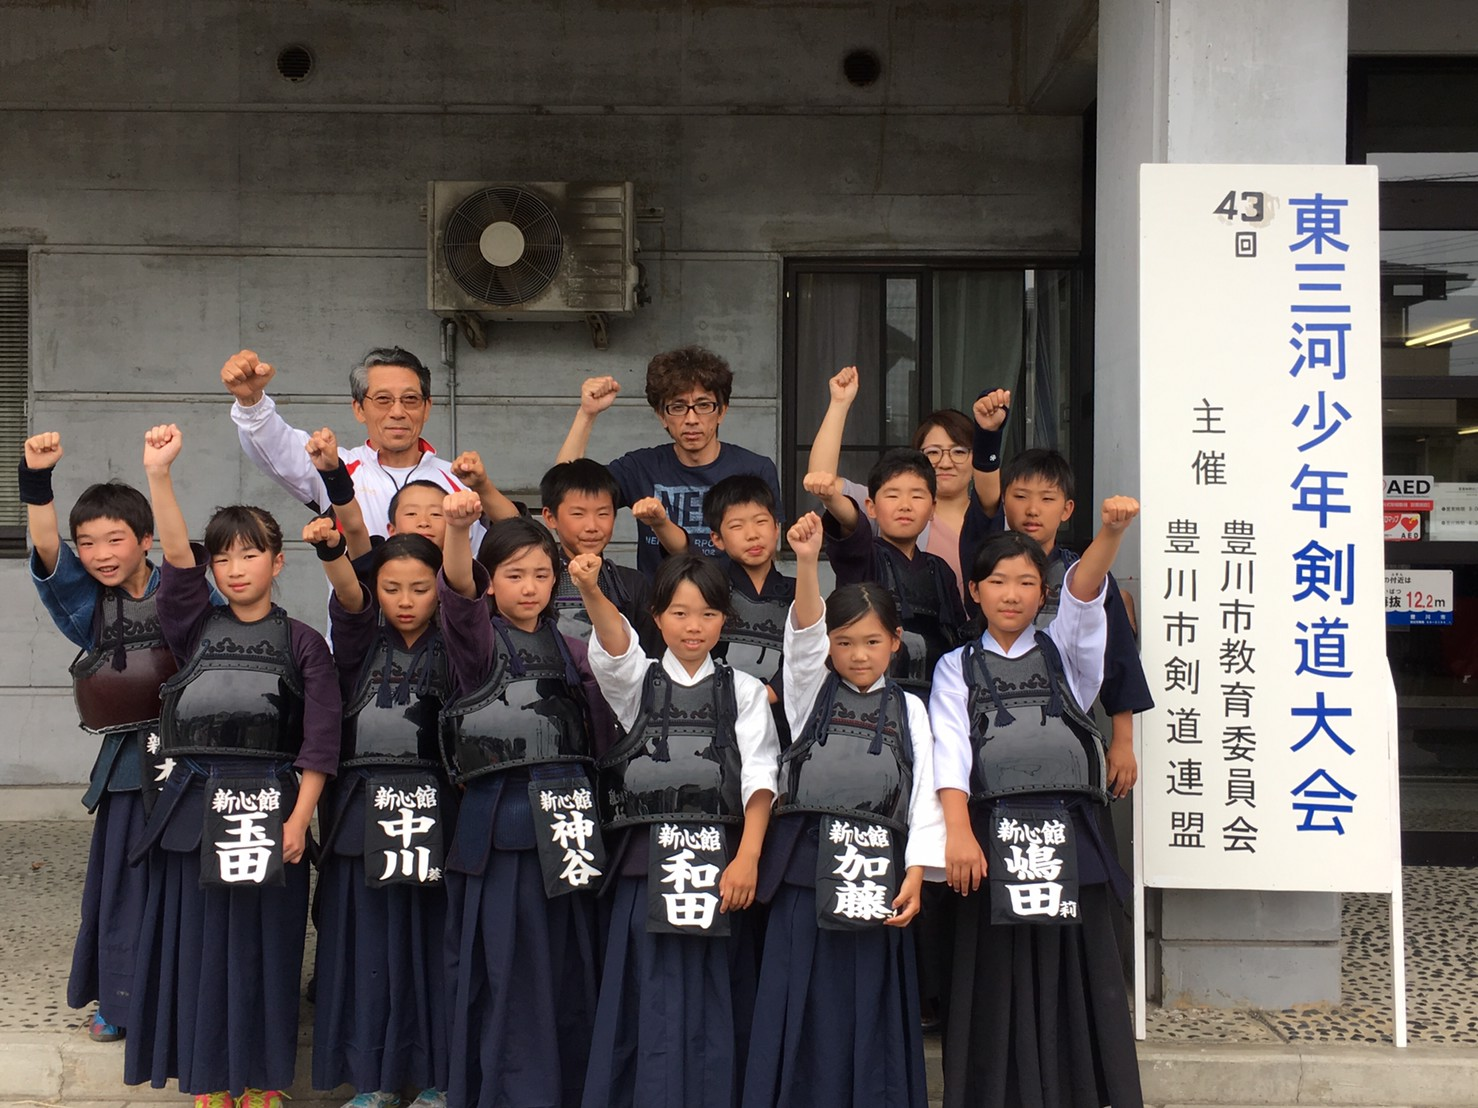 東三河少年剣道大会